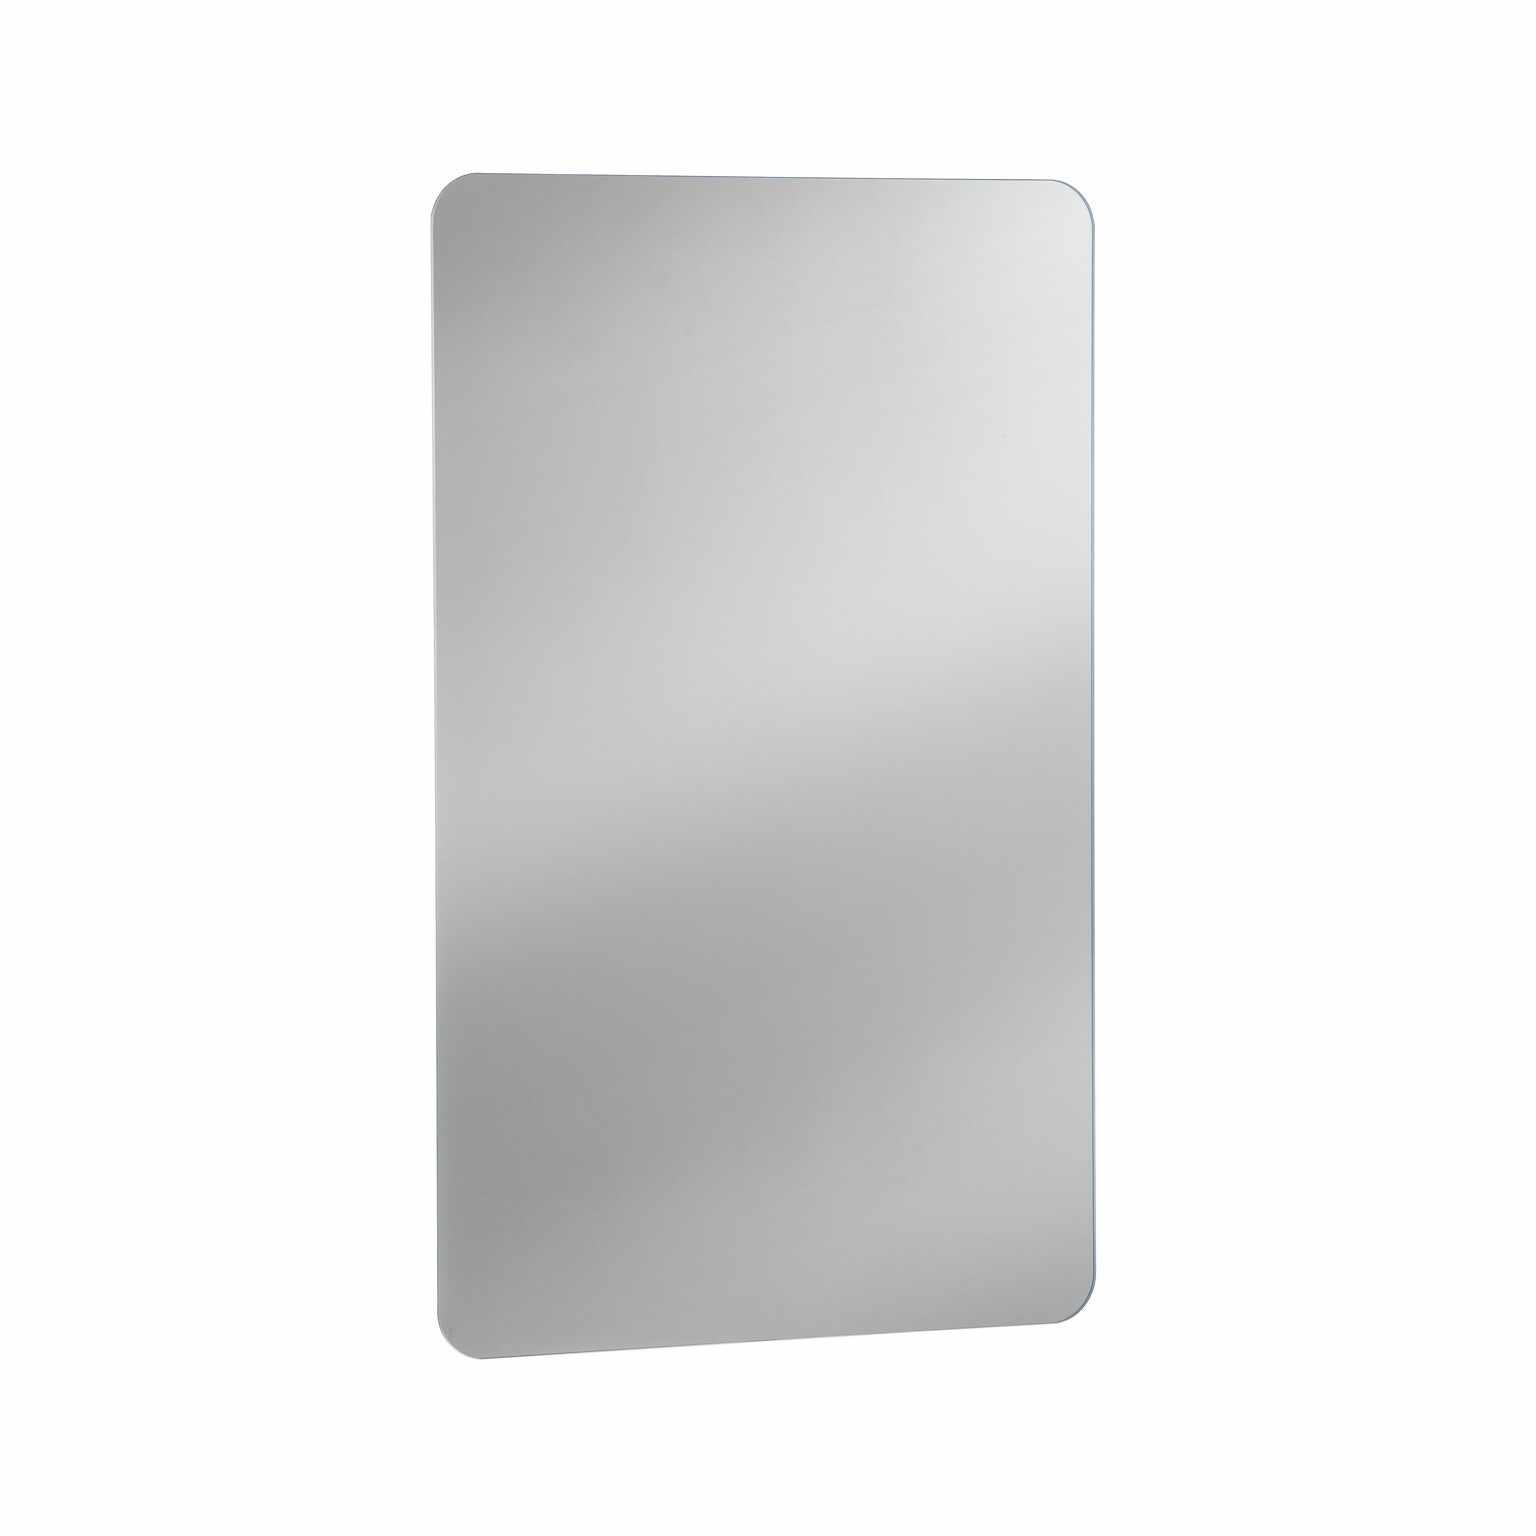 Oglinda pentru baie cu Led, l80xH50 cm, Stella la pret 509 lei